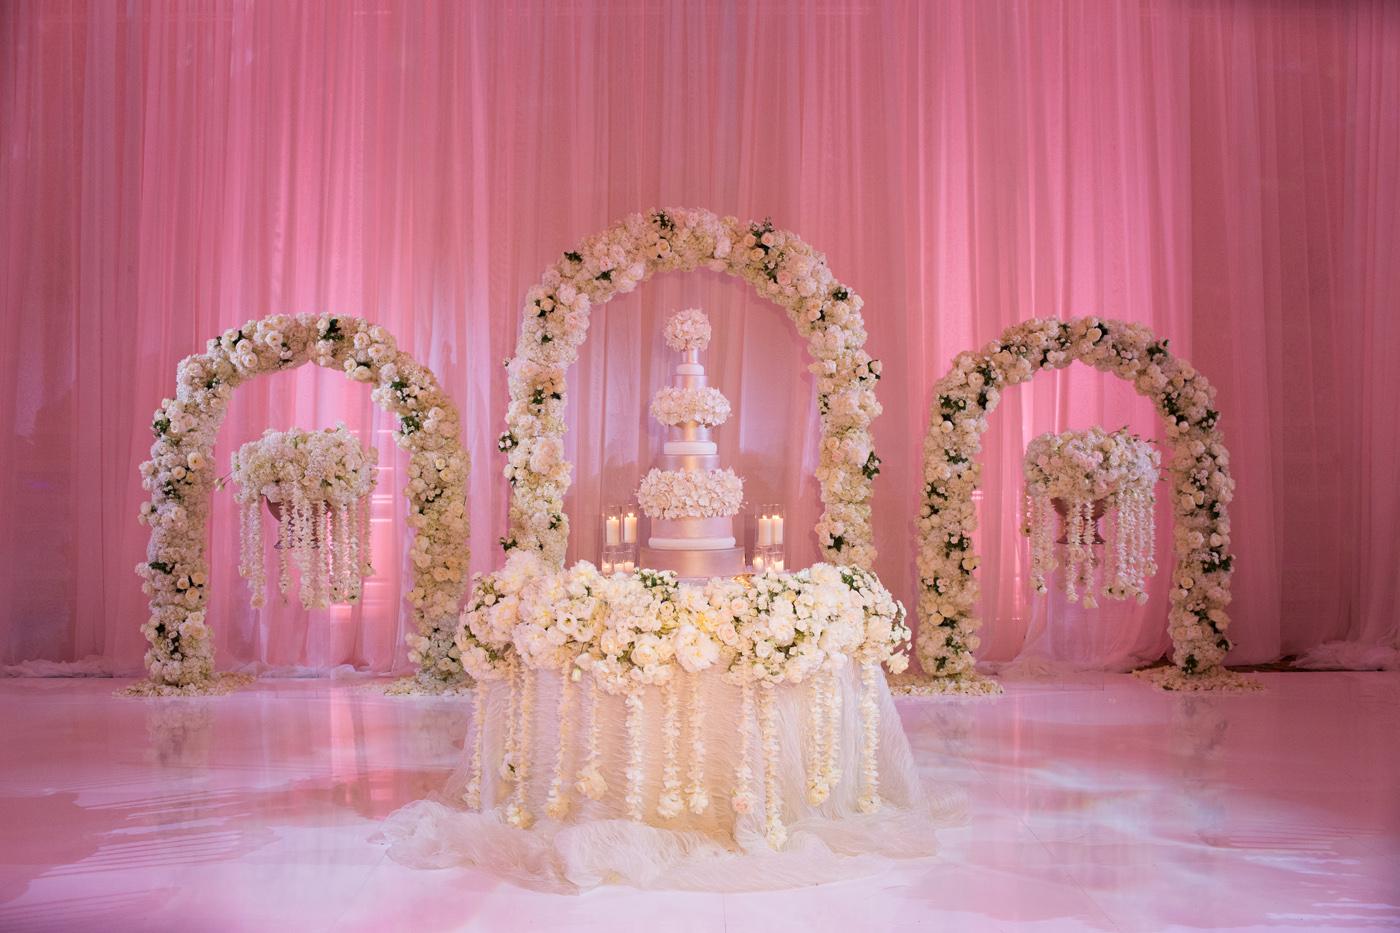 079_DukePhotography_DukeImages_Wedding_Details.jpg